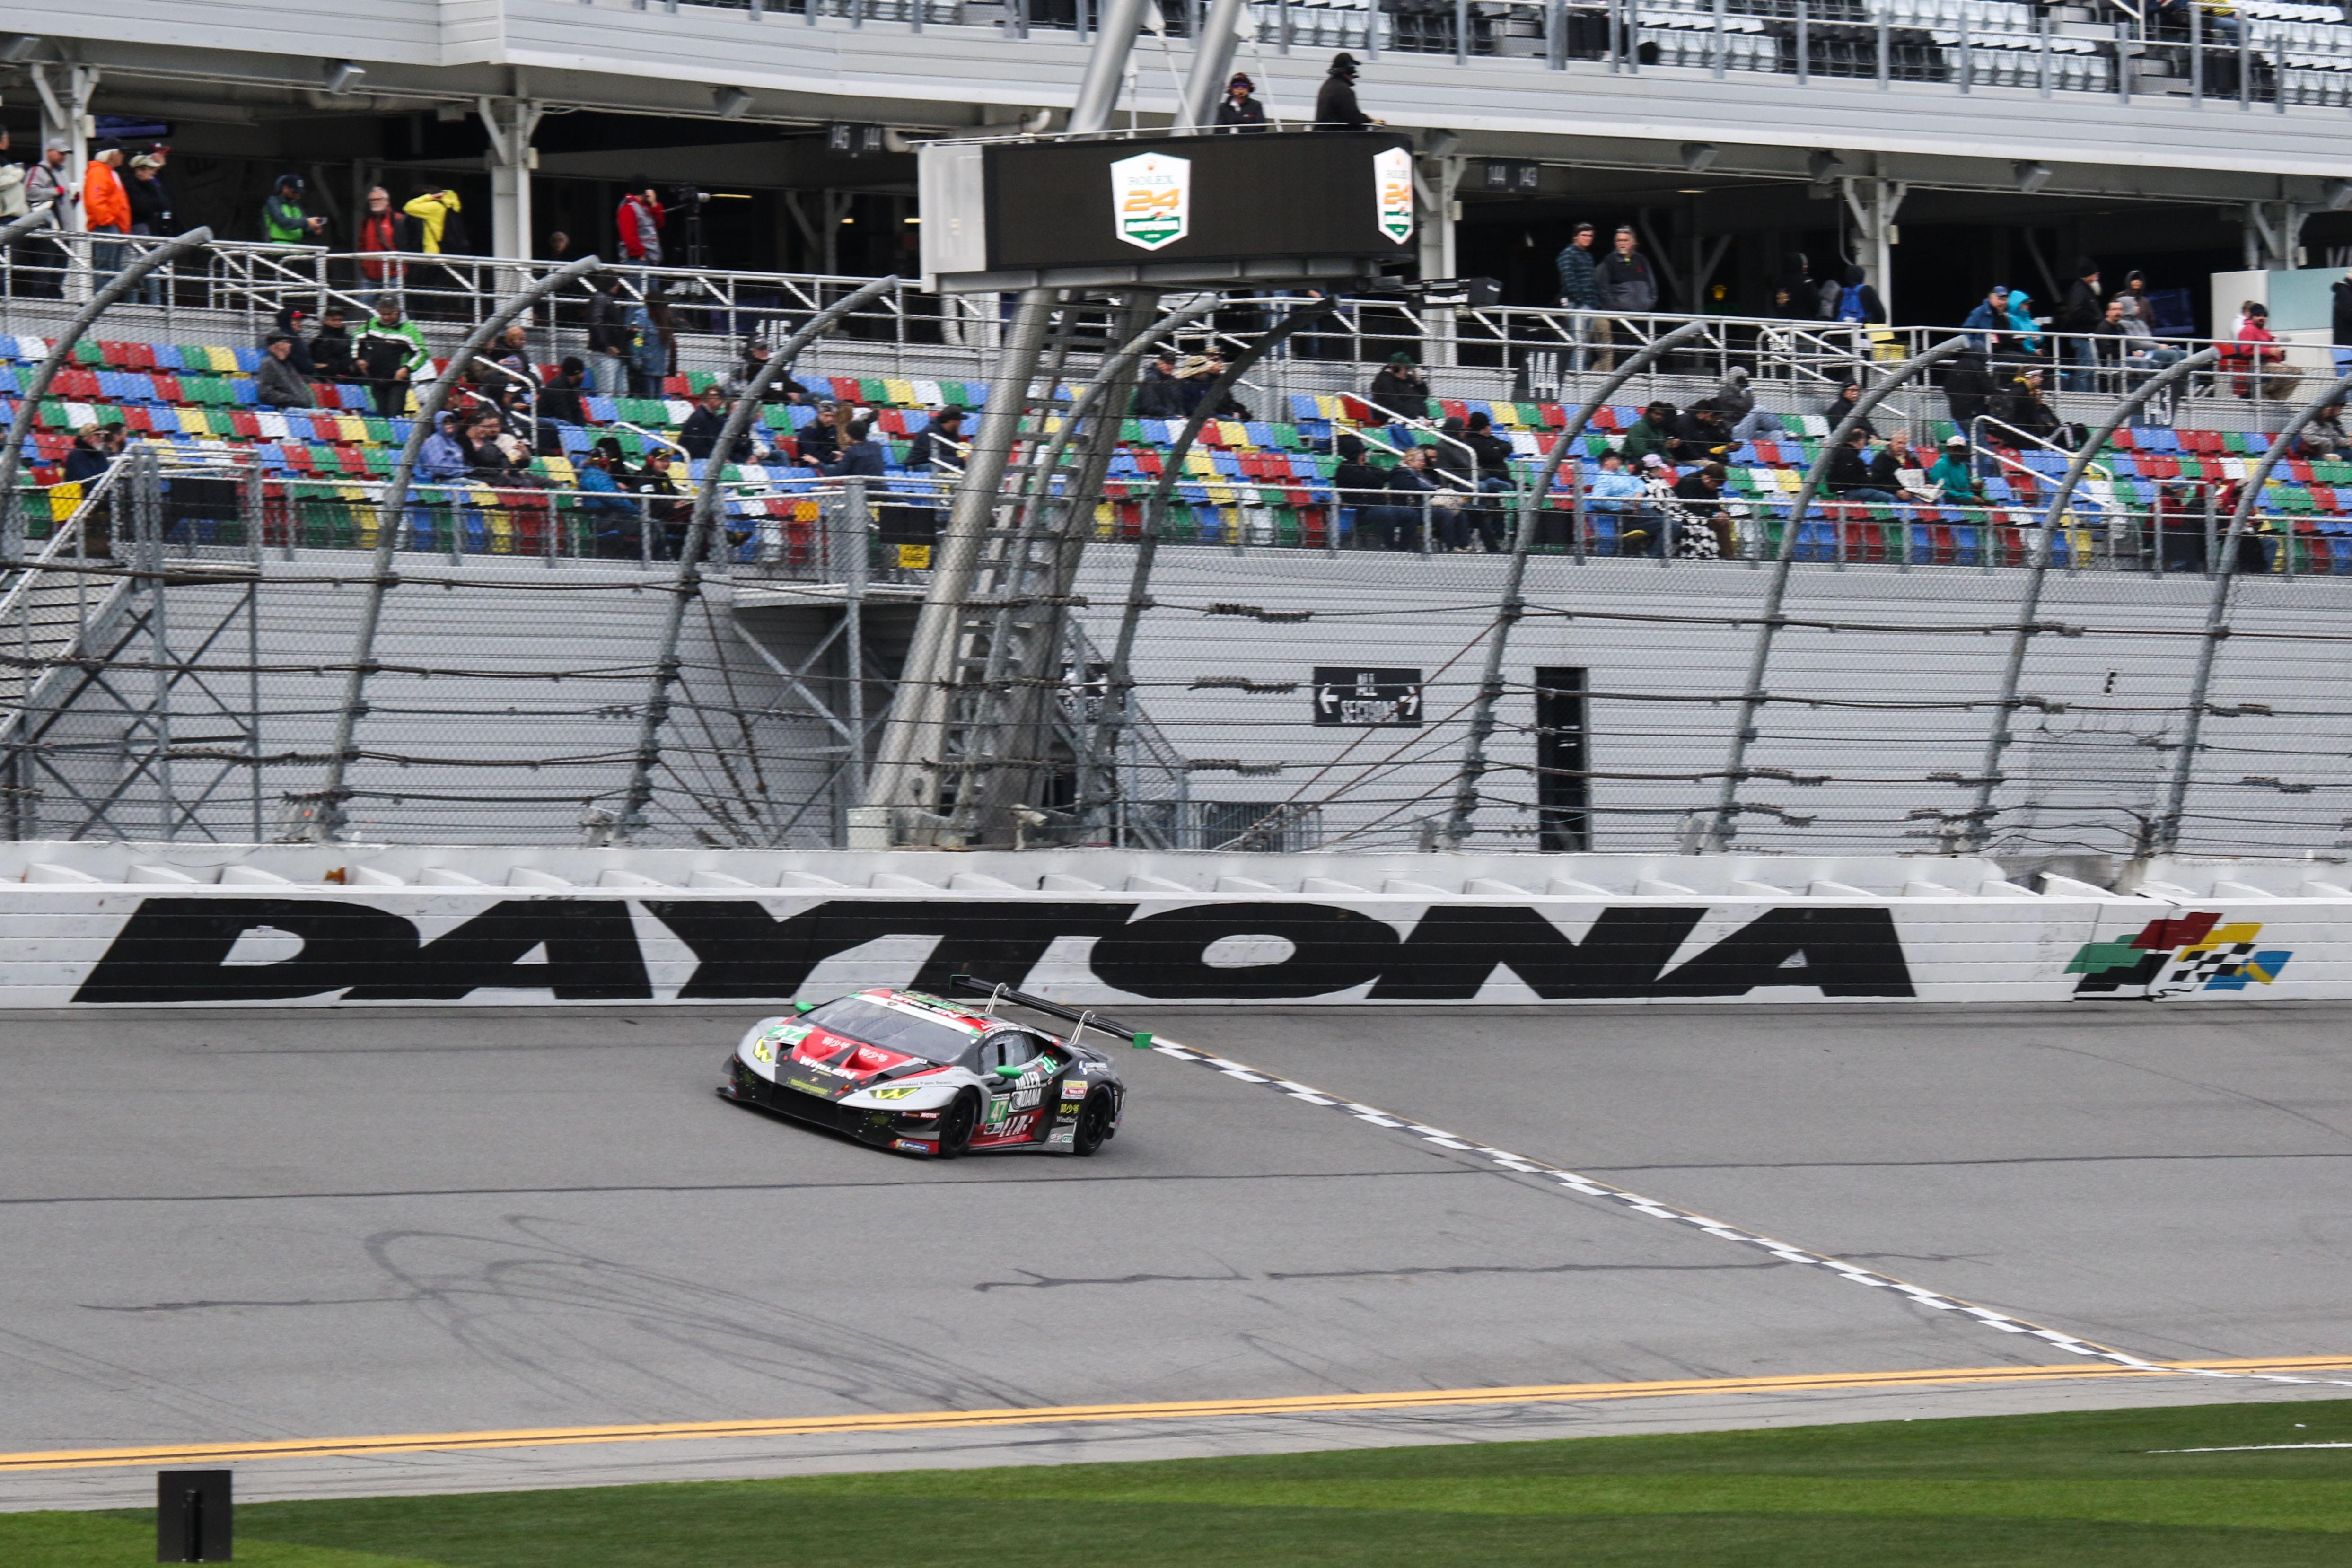 Daytona24-89